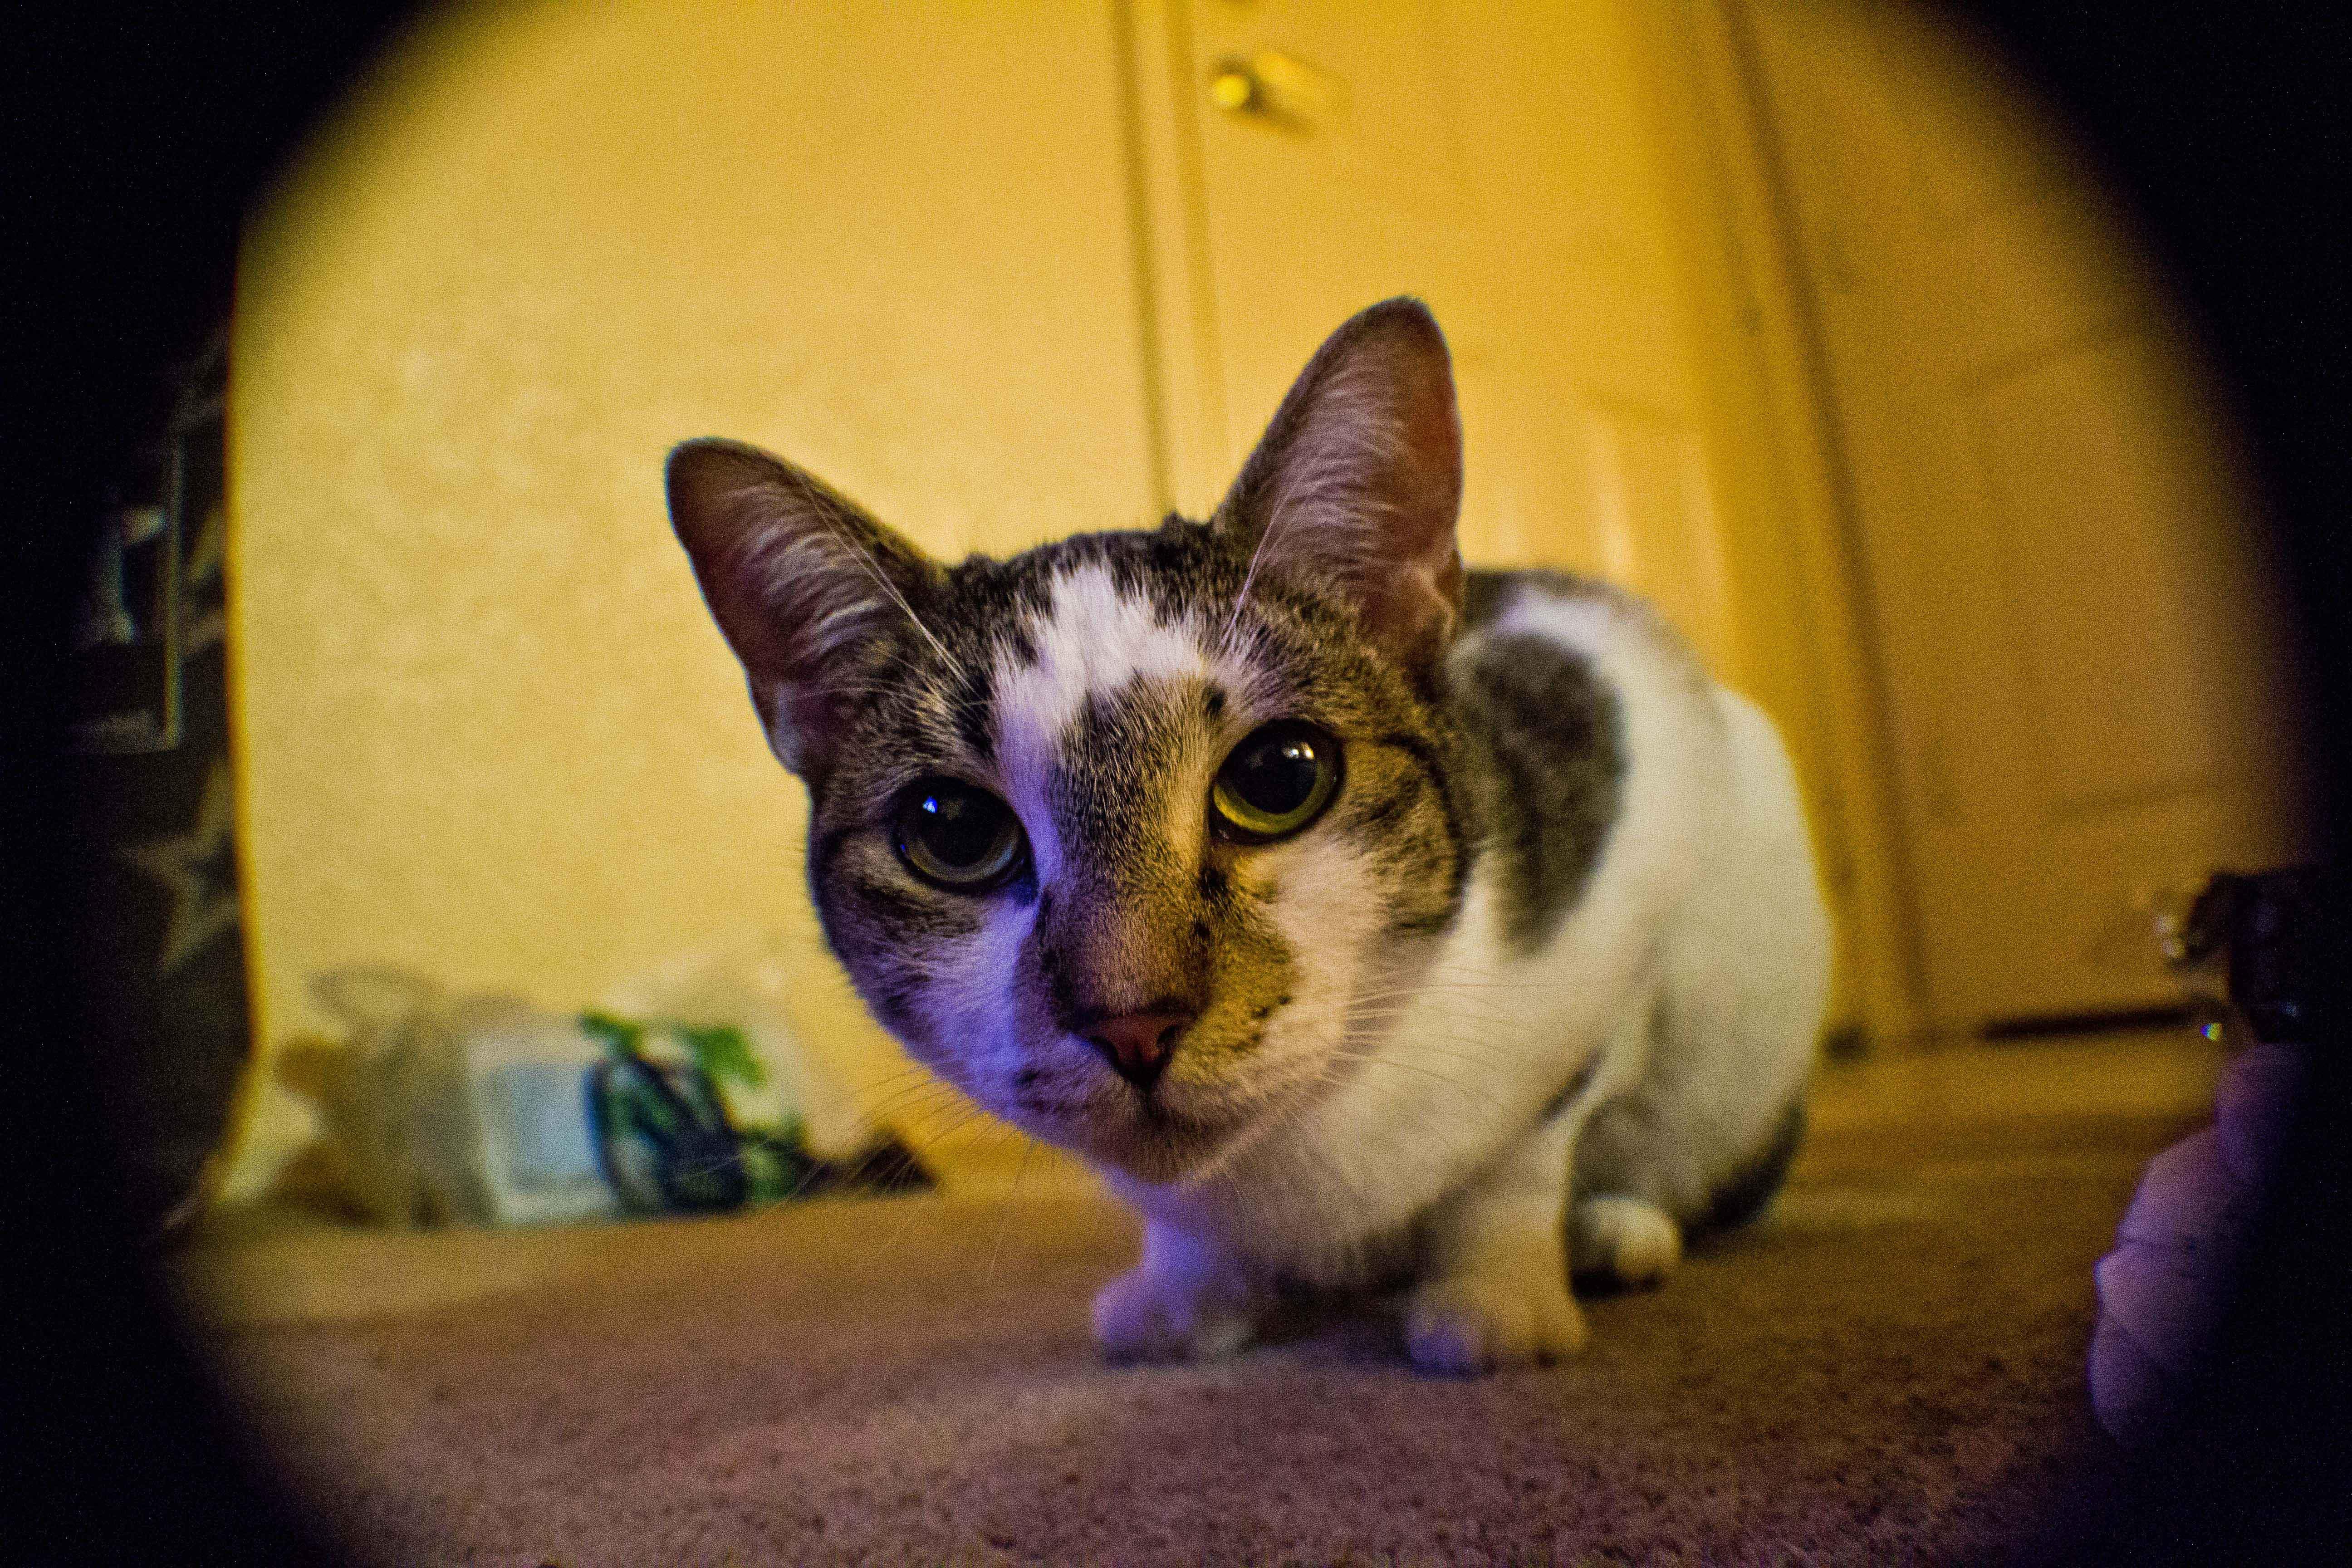 Kittycat - Jeremiah Moralez